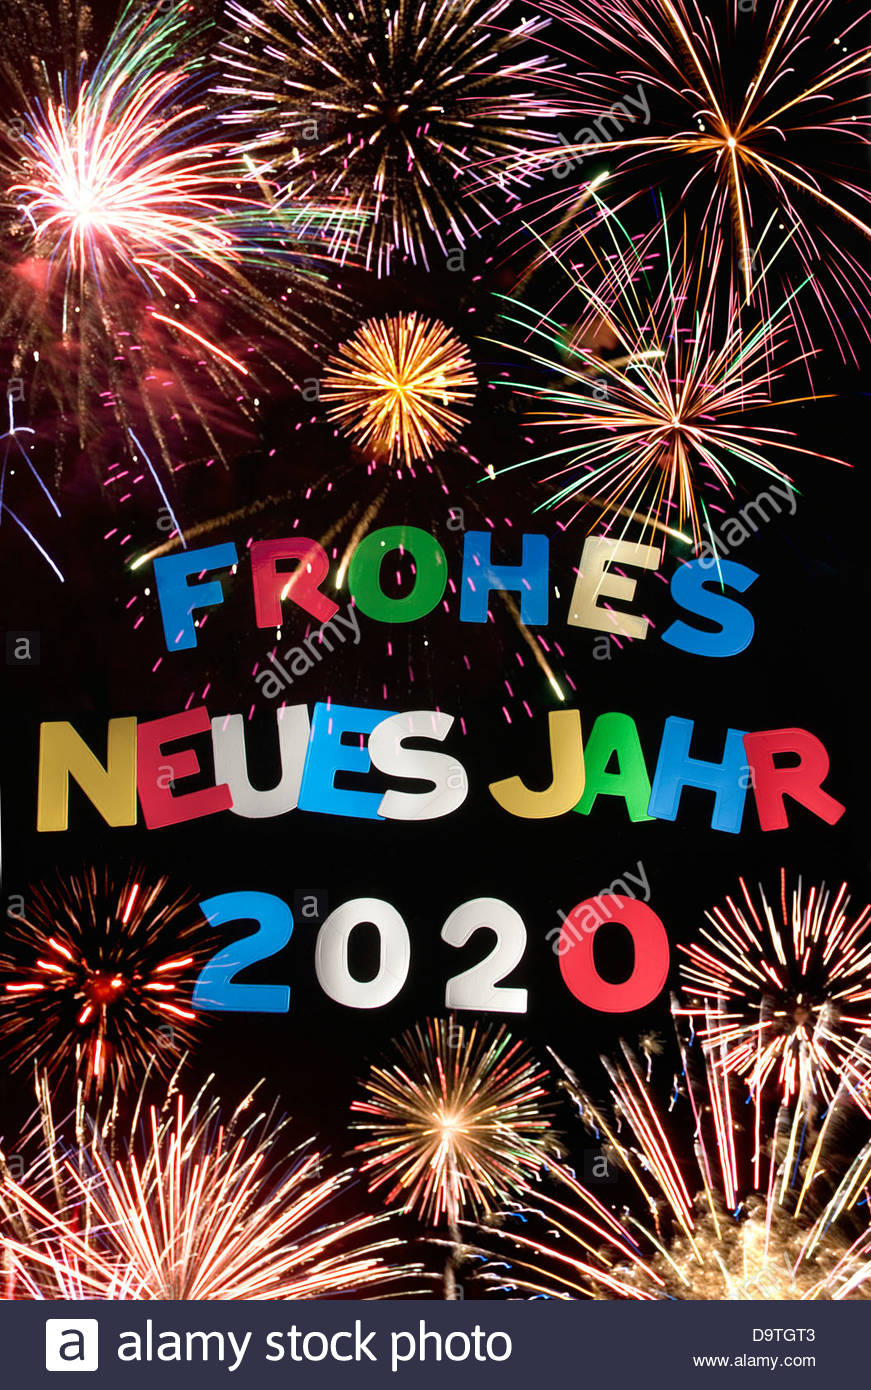 Bilder Zum Neuen Jahr 2020